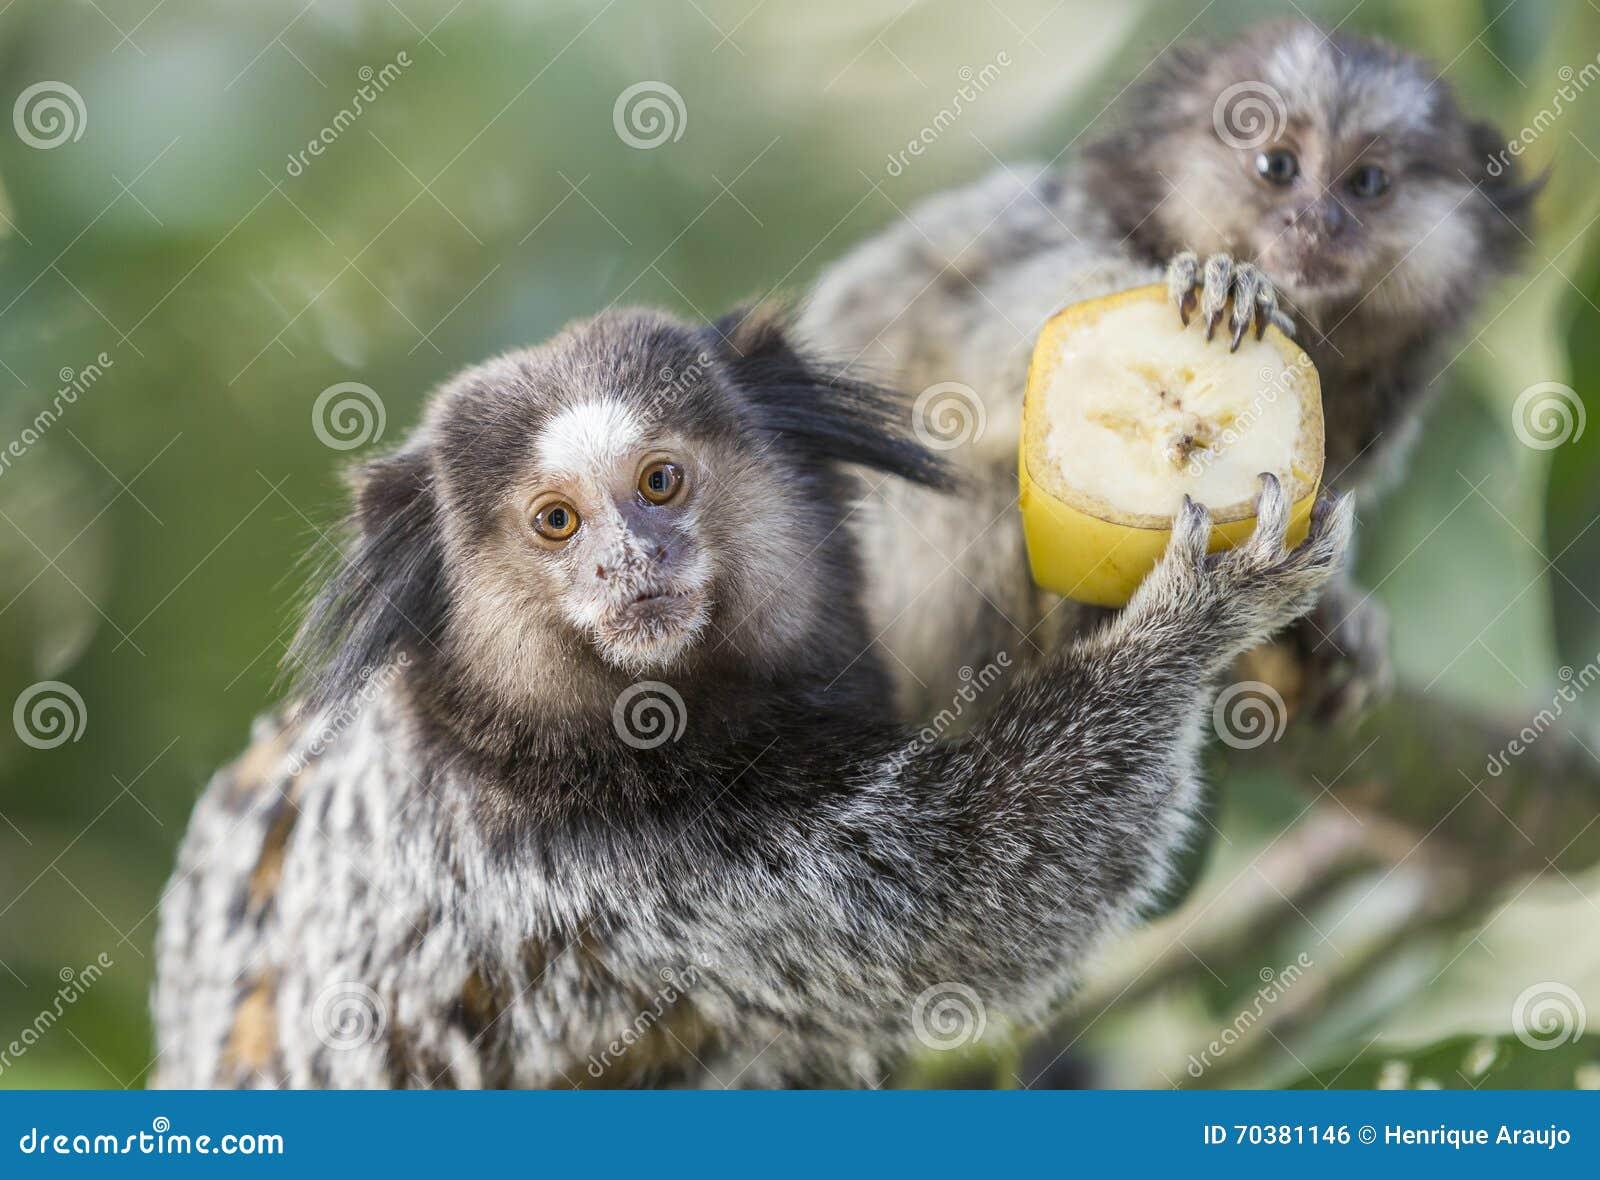 Marmoset Monkeys Stock Photo Image Of Looking Amazon 70381146